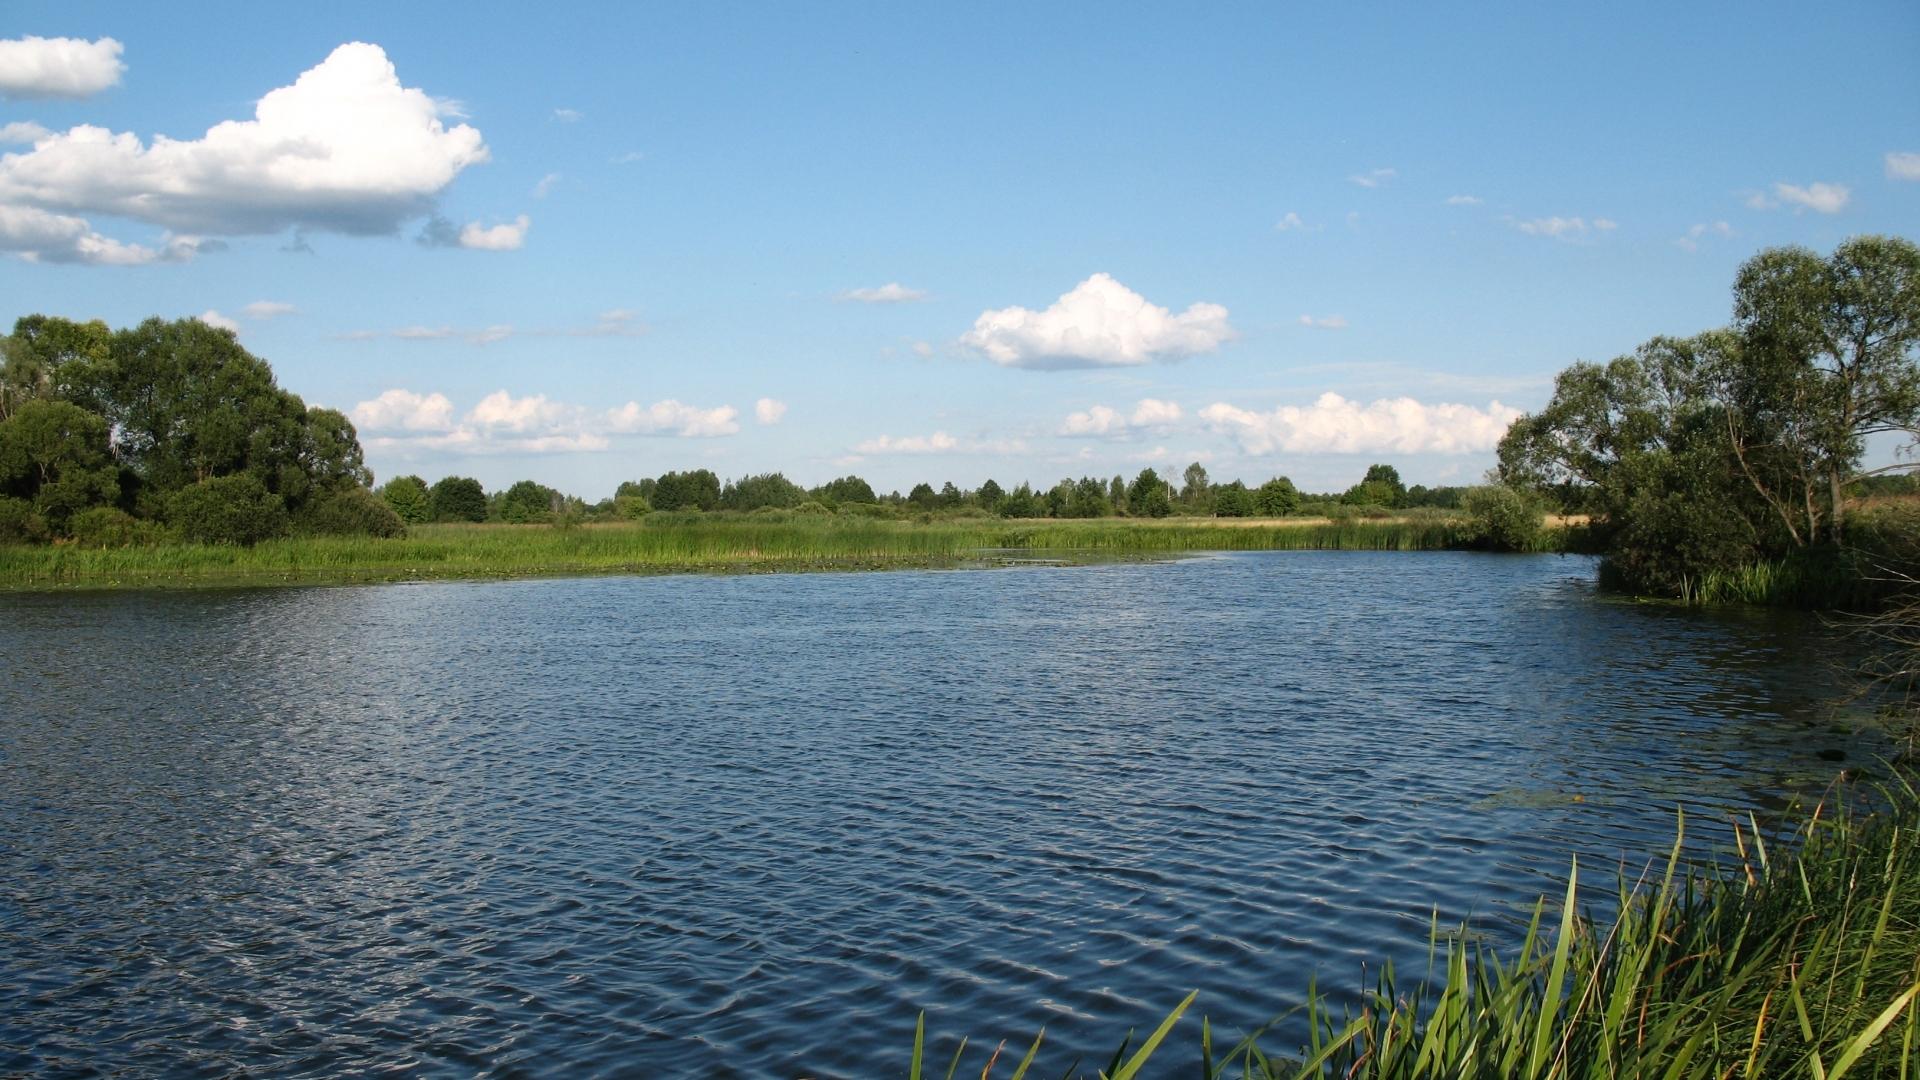 24827 скачать обои Пейзаж, Река, Облака - заставки и картинки бесплатно